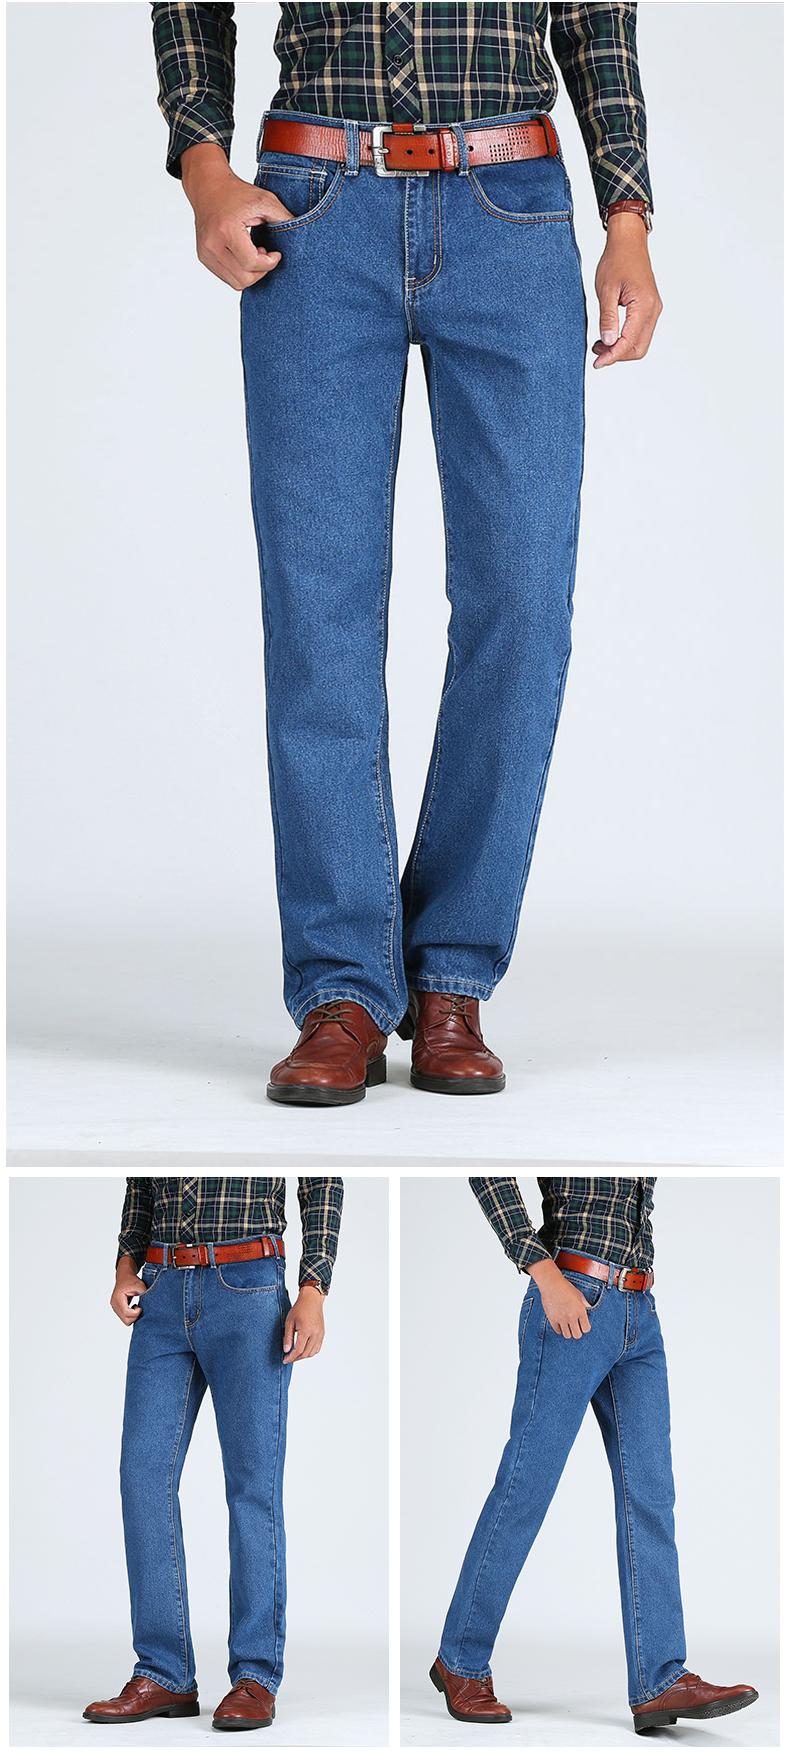 TIGER CASTLE Men Cotton Straight Classic Jeans Baggy Plus Size Spring Autumn Men's Denim Pants Straight Designer Trousers Male 16